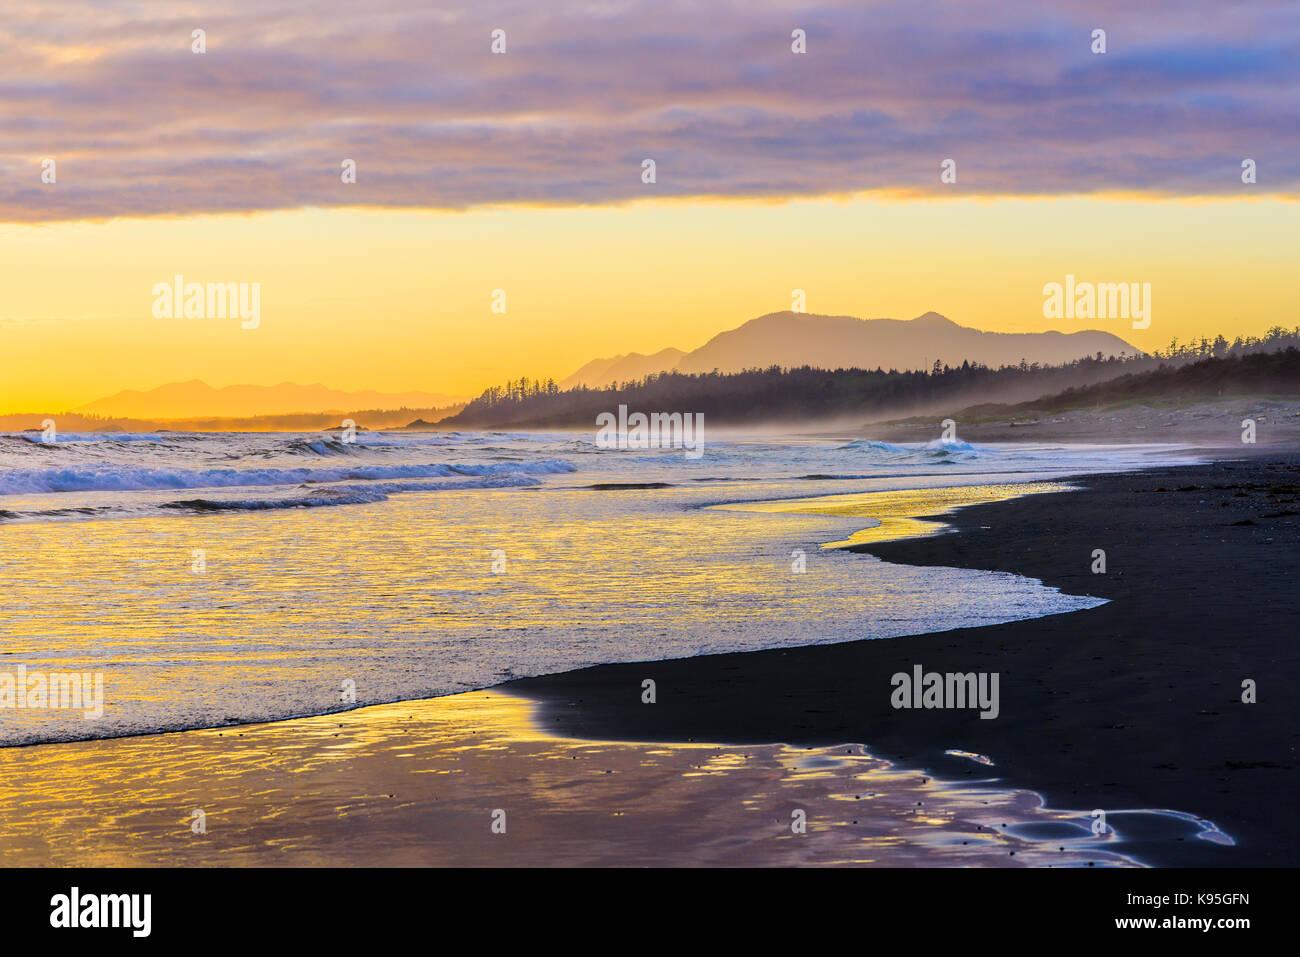 Sunset, Long Beach, Pacific Rim National Park, la isla de Vancouver, British Columbia, Canadá. Foto de stock